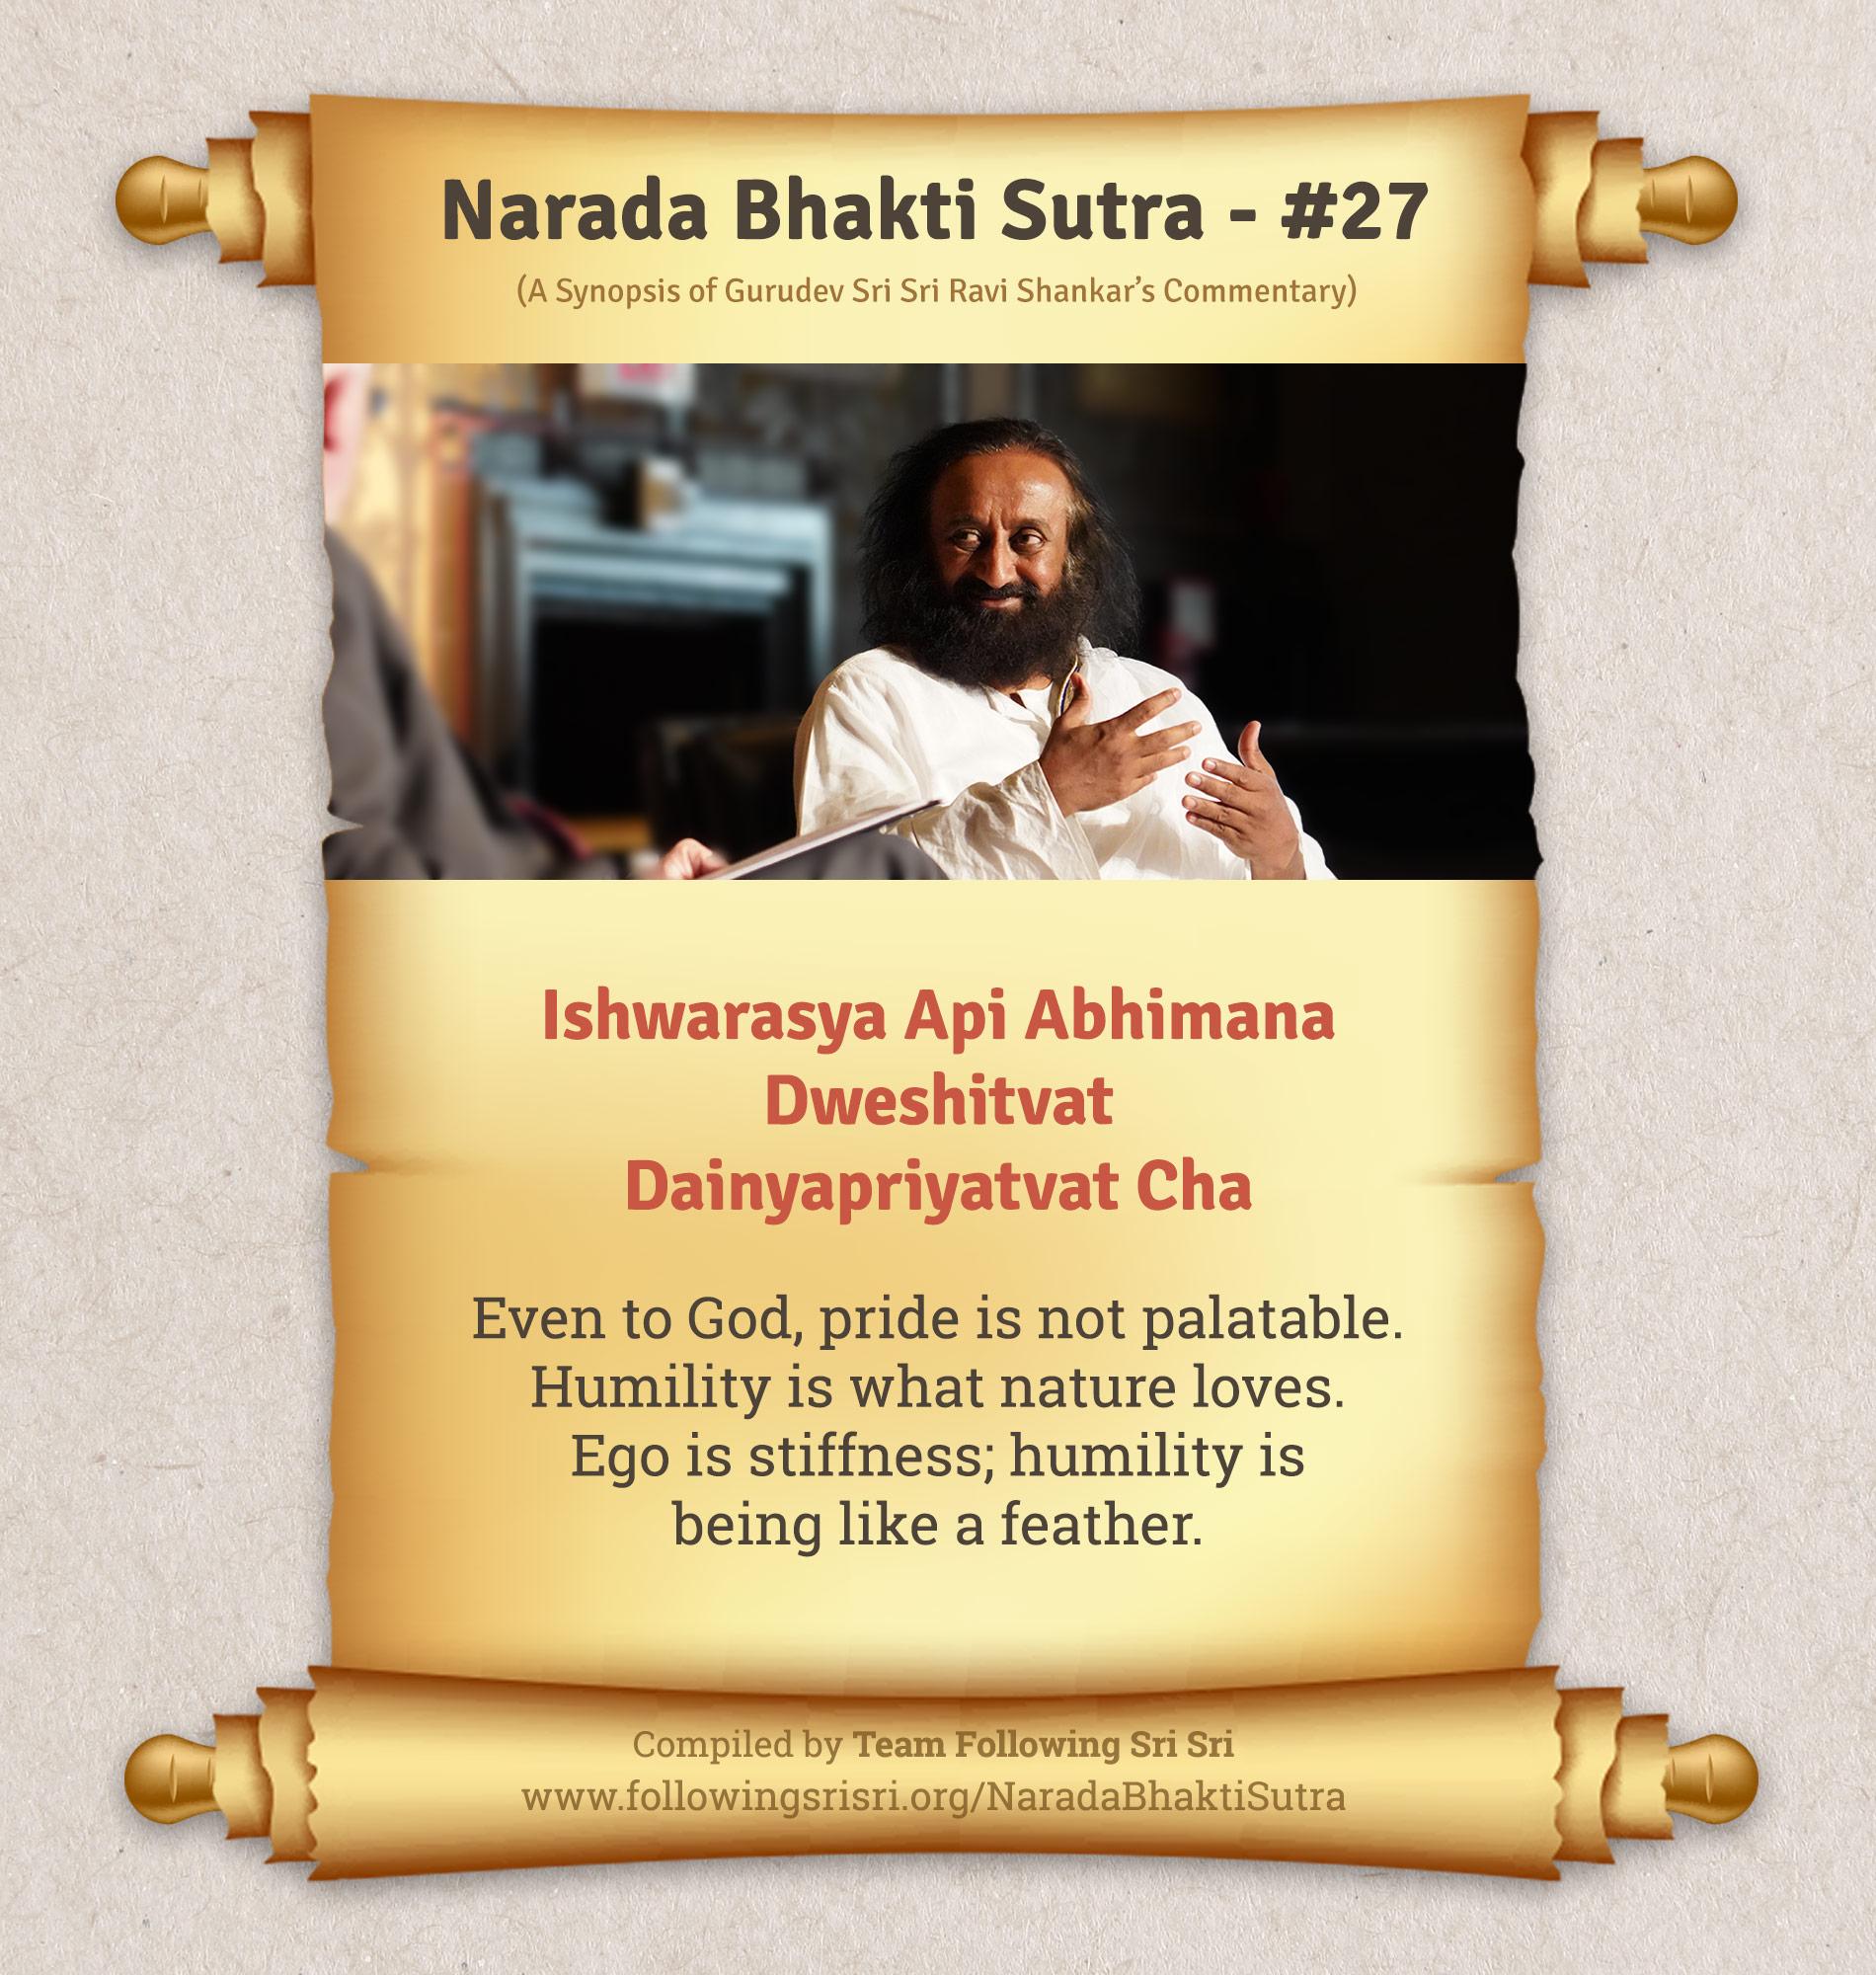 Narada Bhakti Sutras - Sutra 27